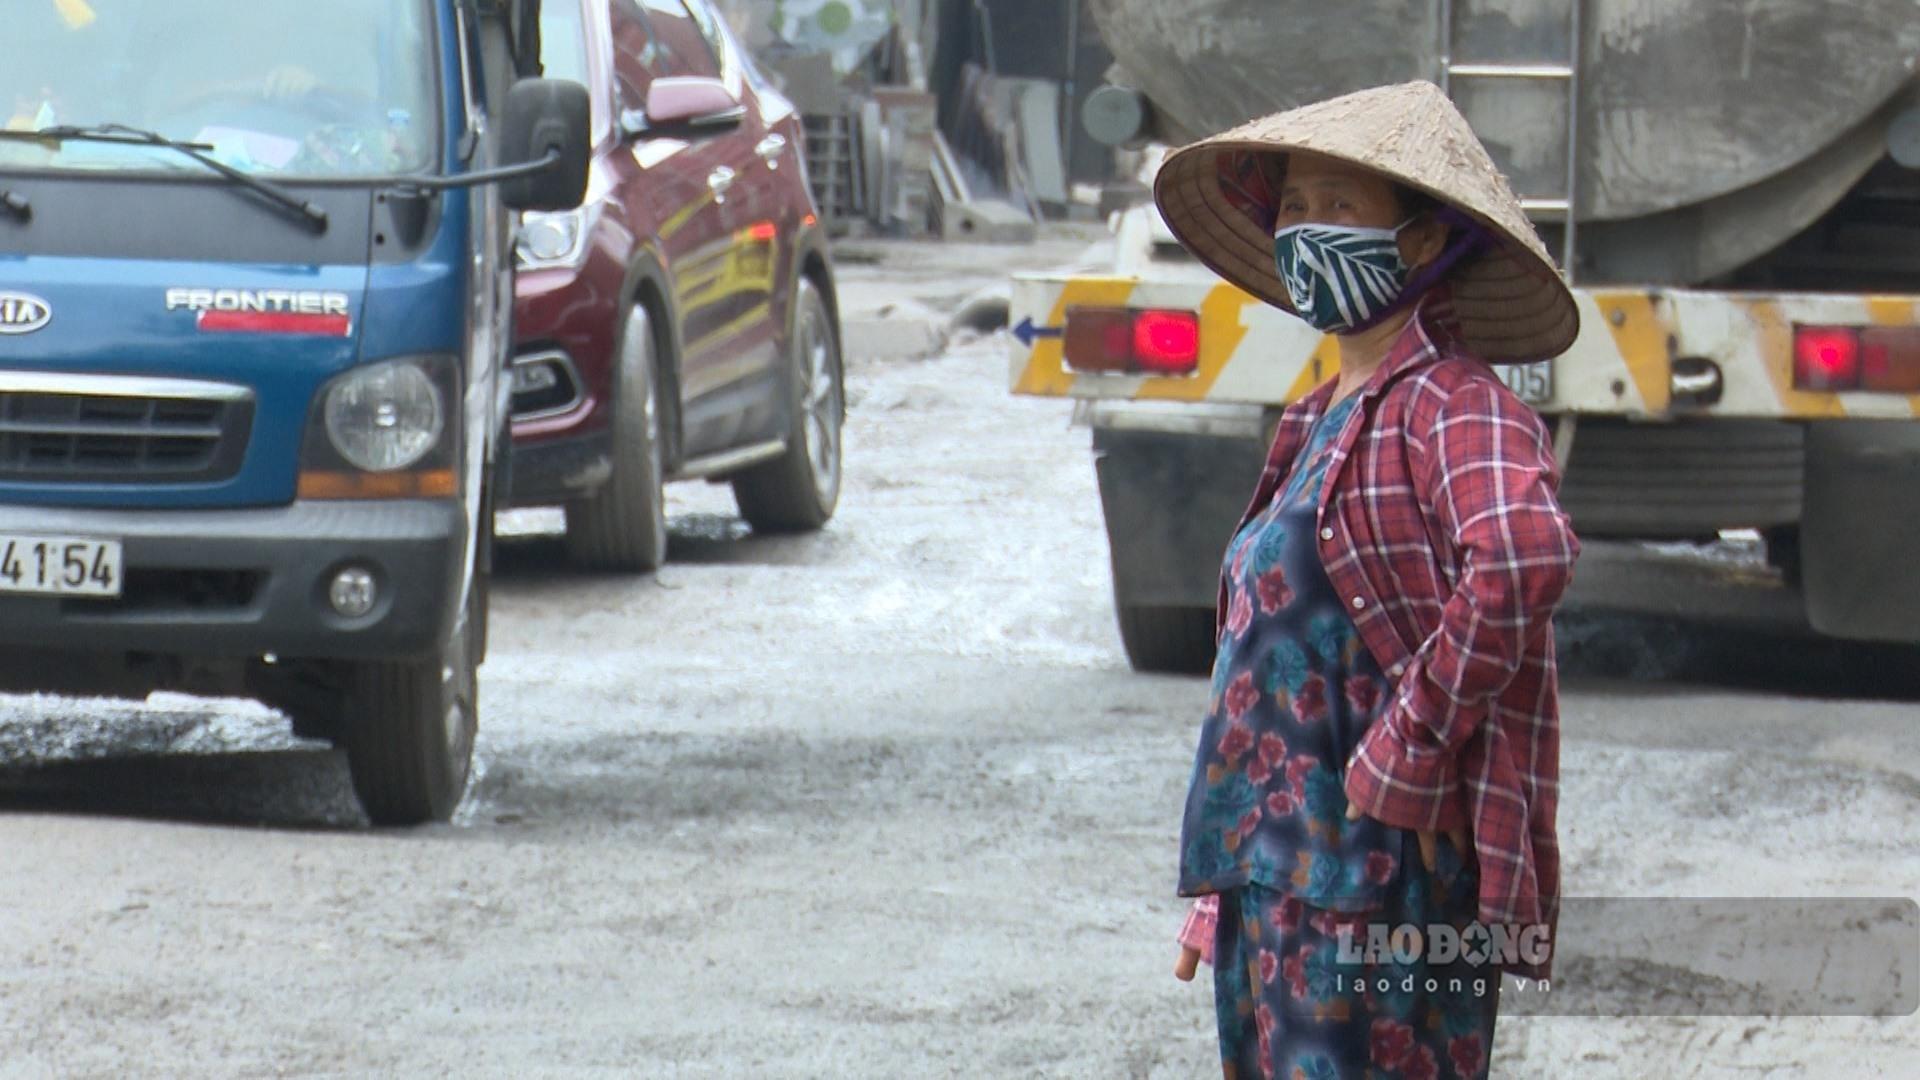 """Muôn kiểu vượt ổ trâu, ổ gà của xe tải trên 650m đường """"tử thần"""" tại Hà Nội"""